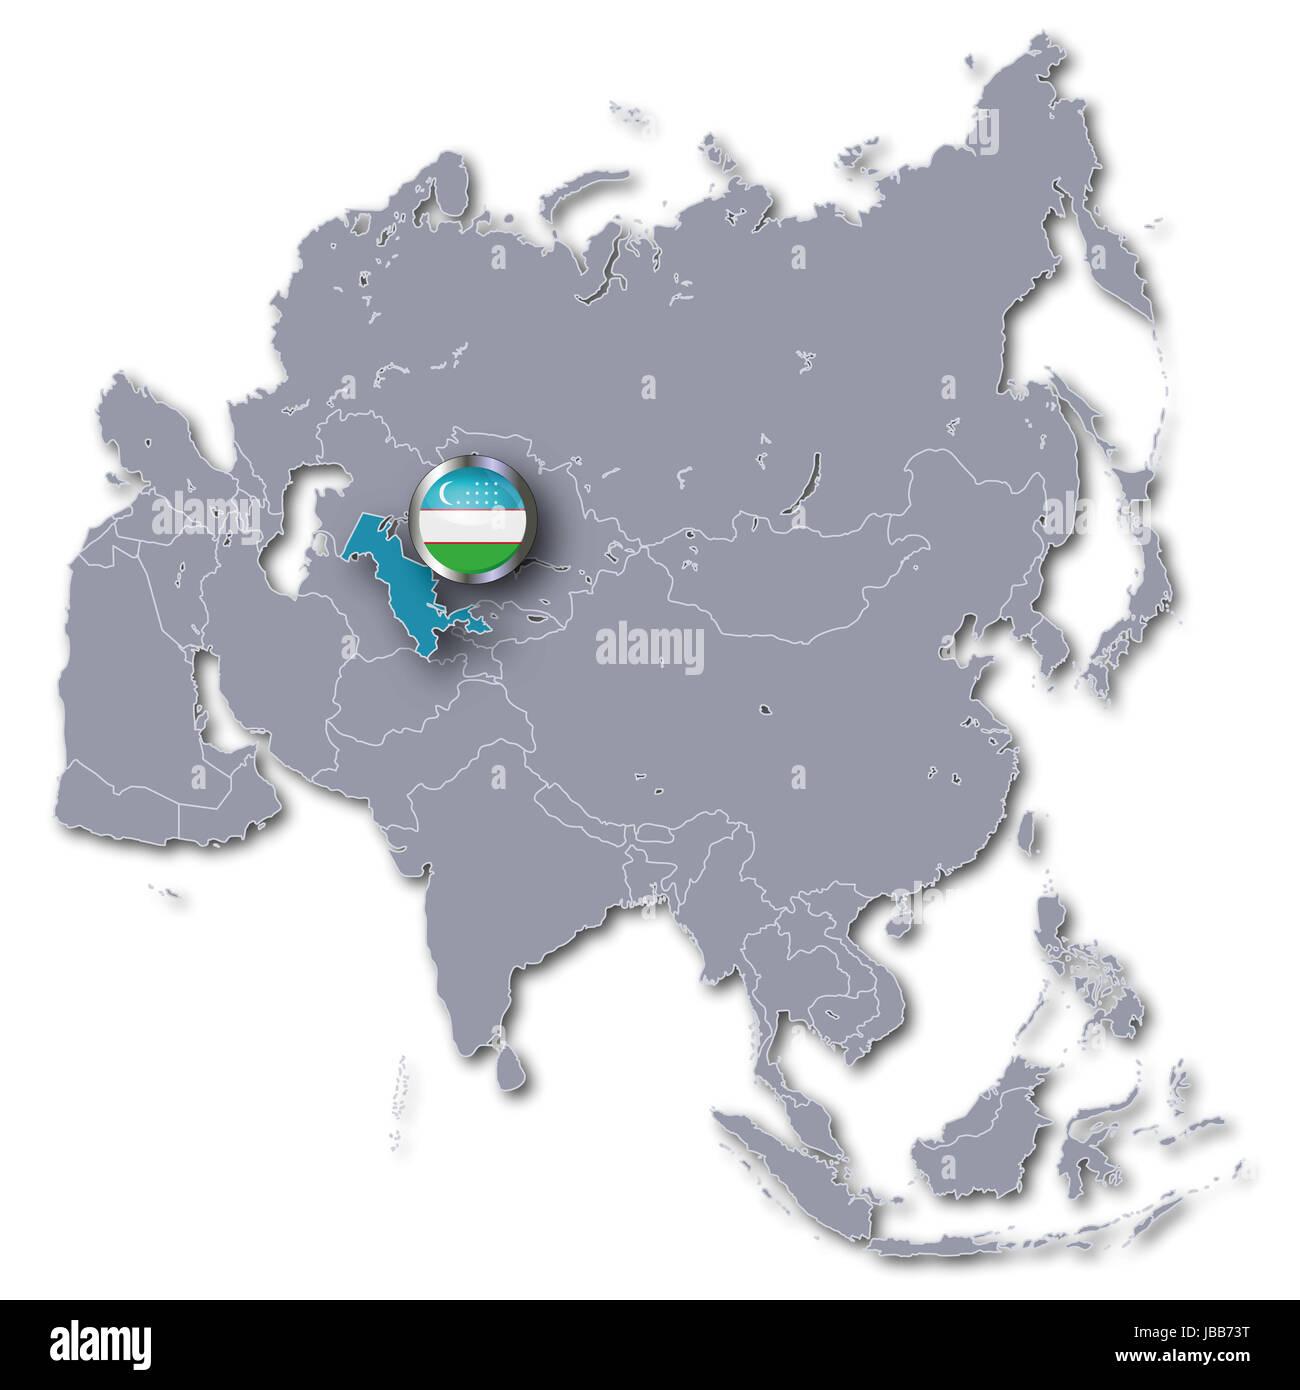 asia map with uzbekistan Stock Photo